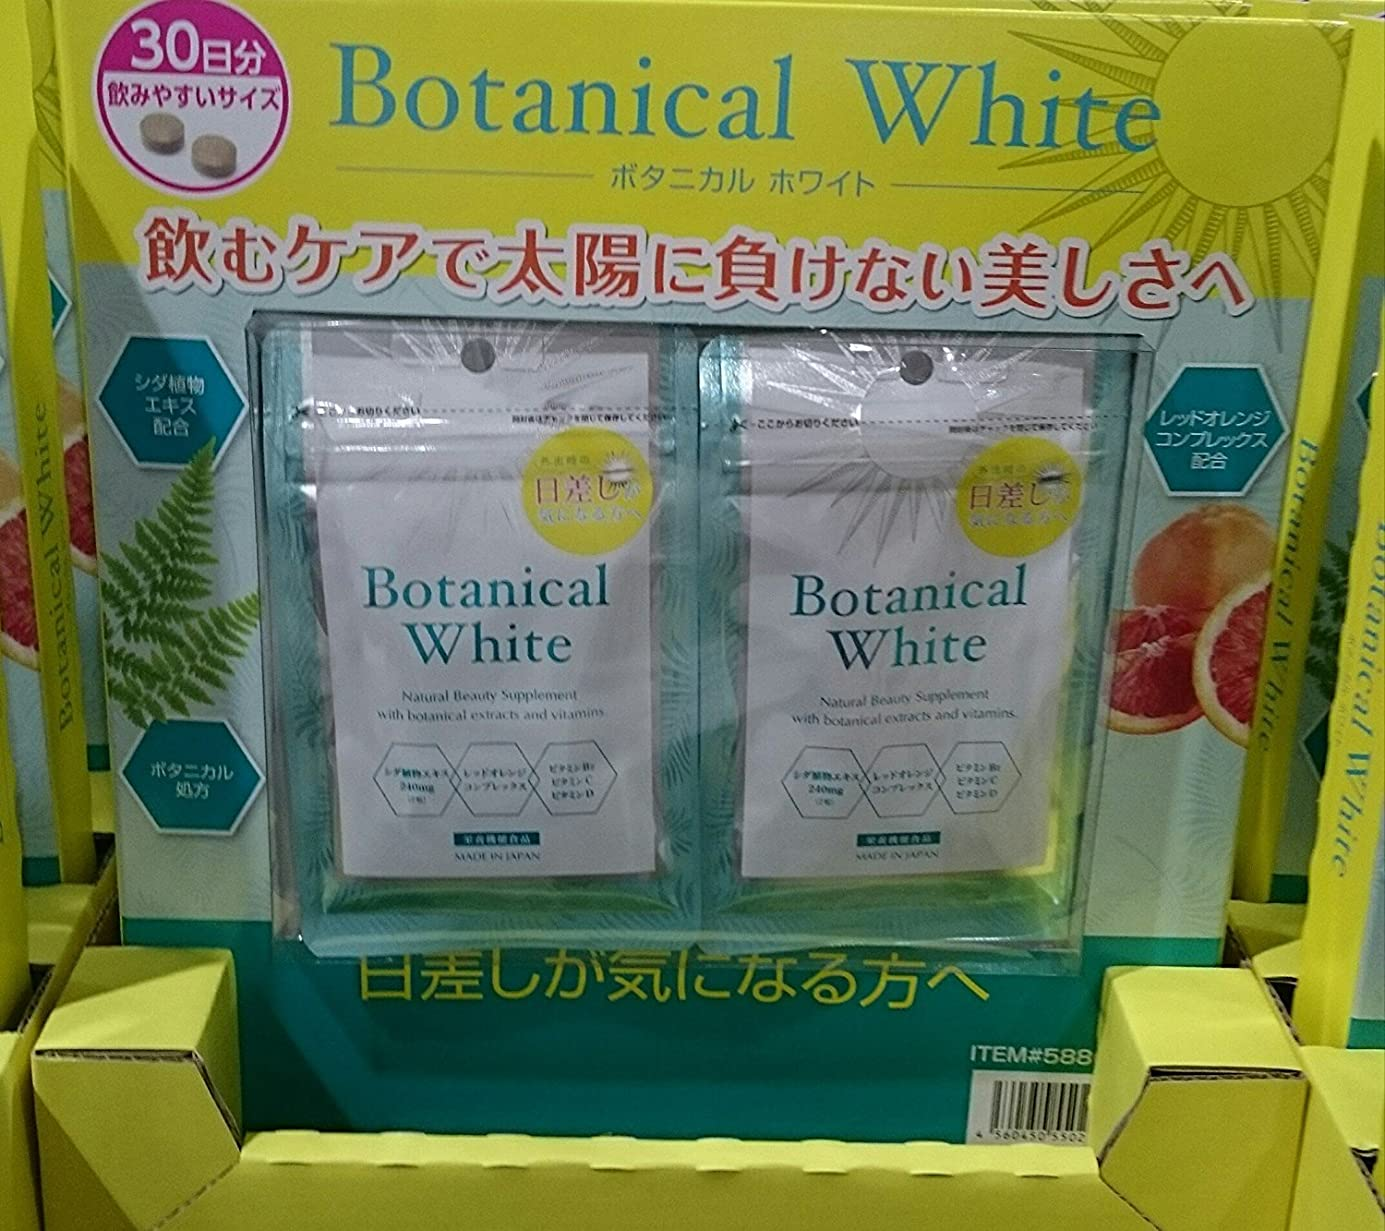 ひいきにするスペインうなずくBotanical White(ボタニカル ホワイト)サプリメント 飲む日焼け止め 9.0g(300mg×30粒)x2セット